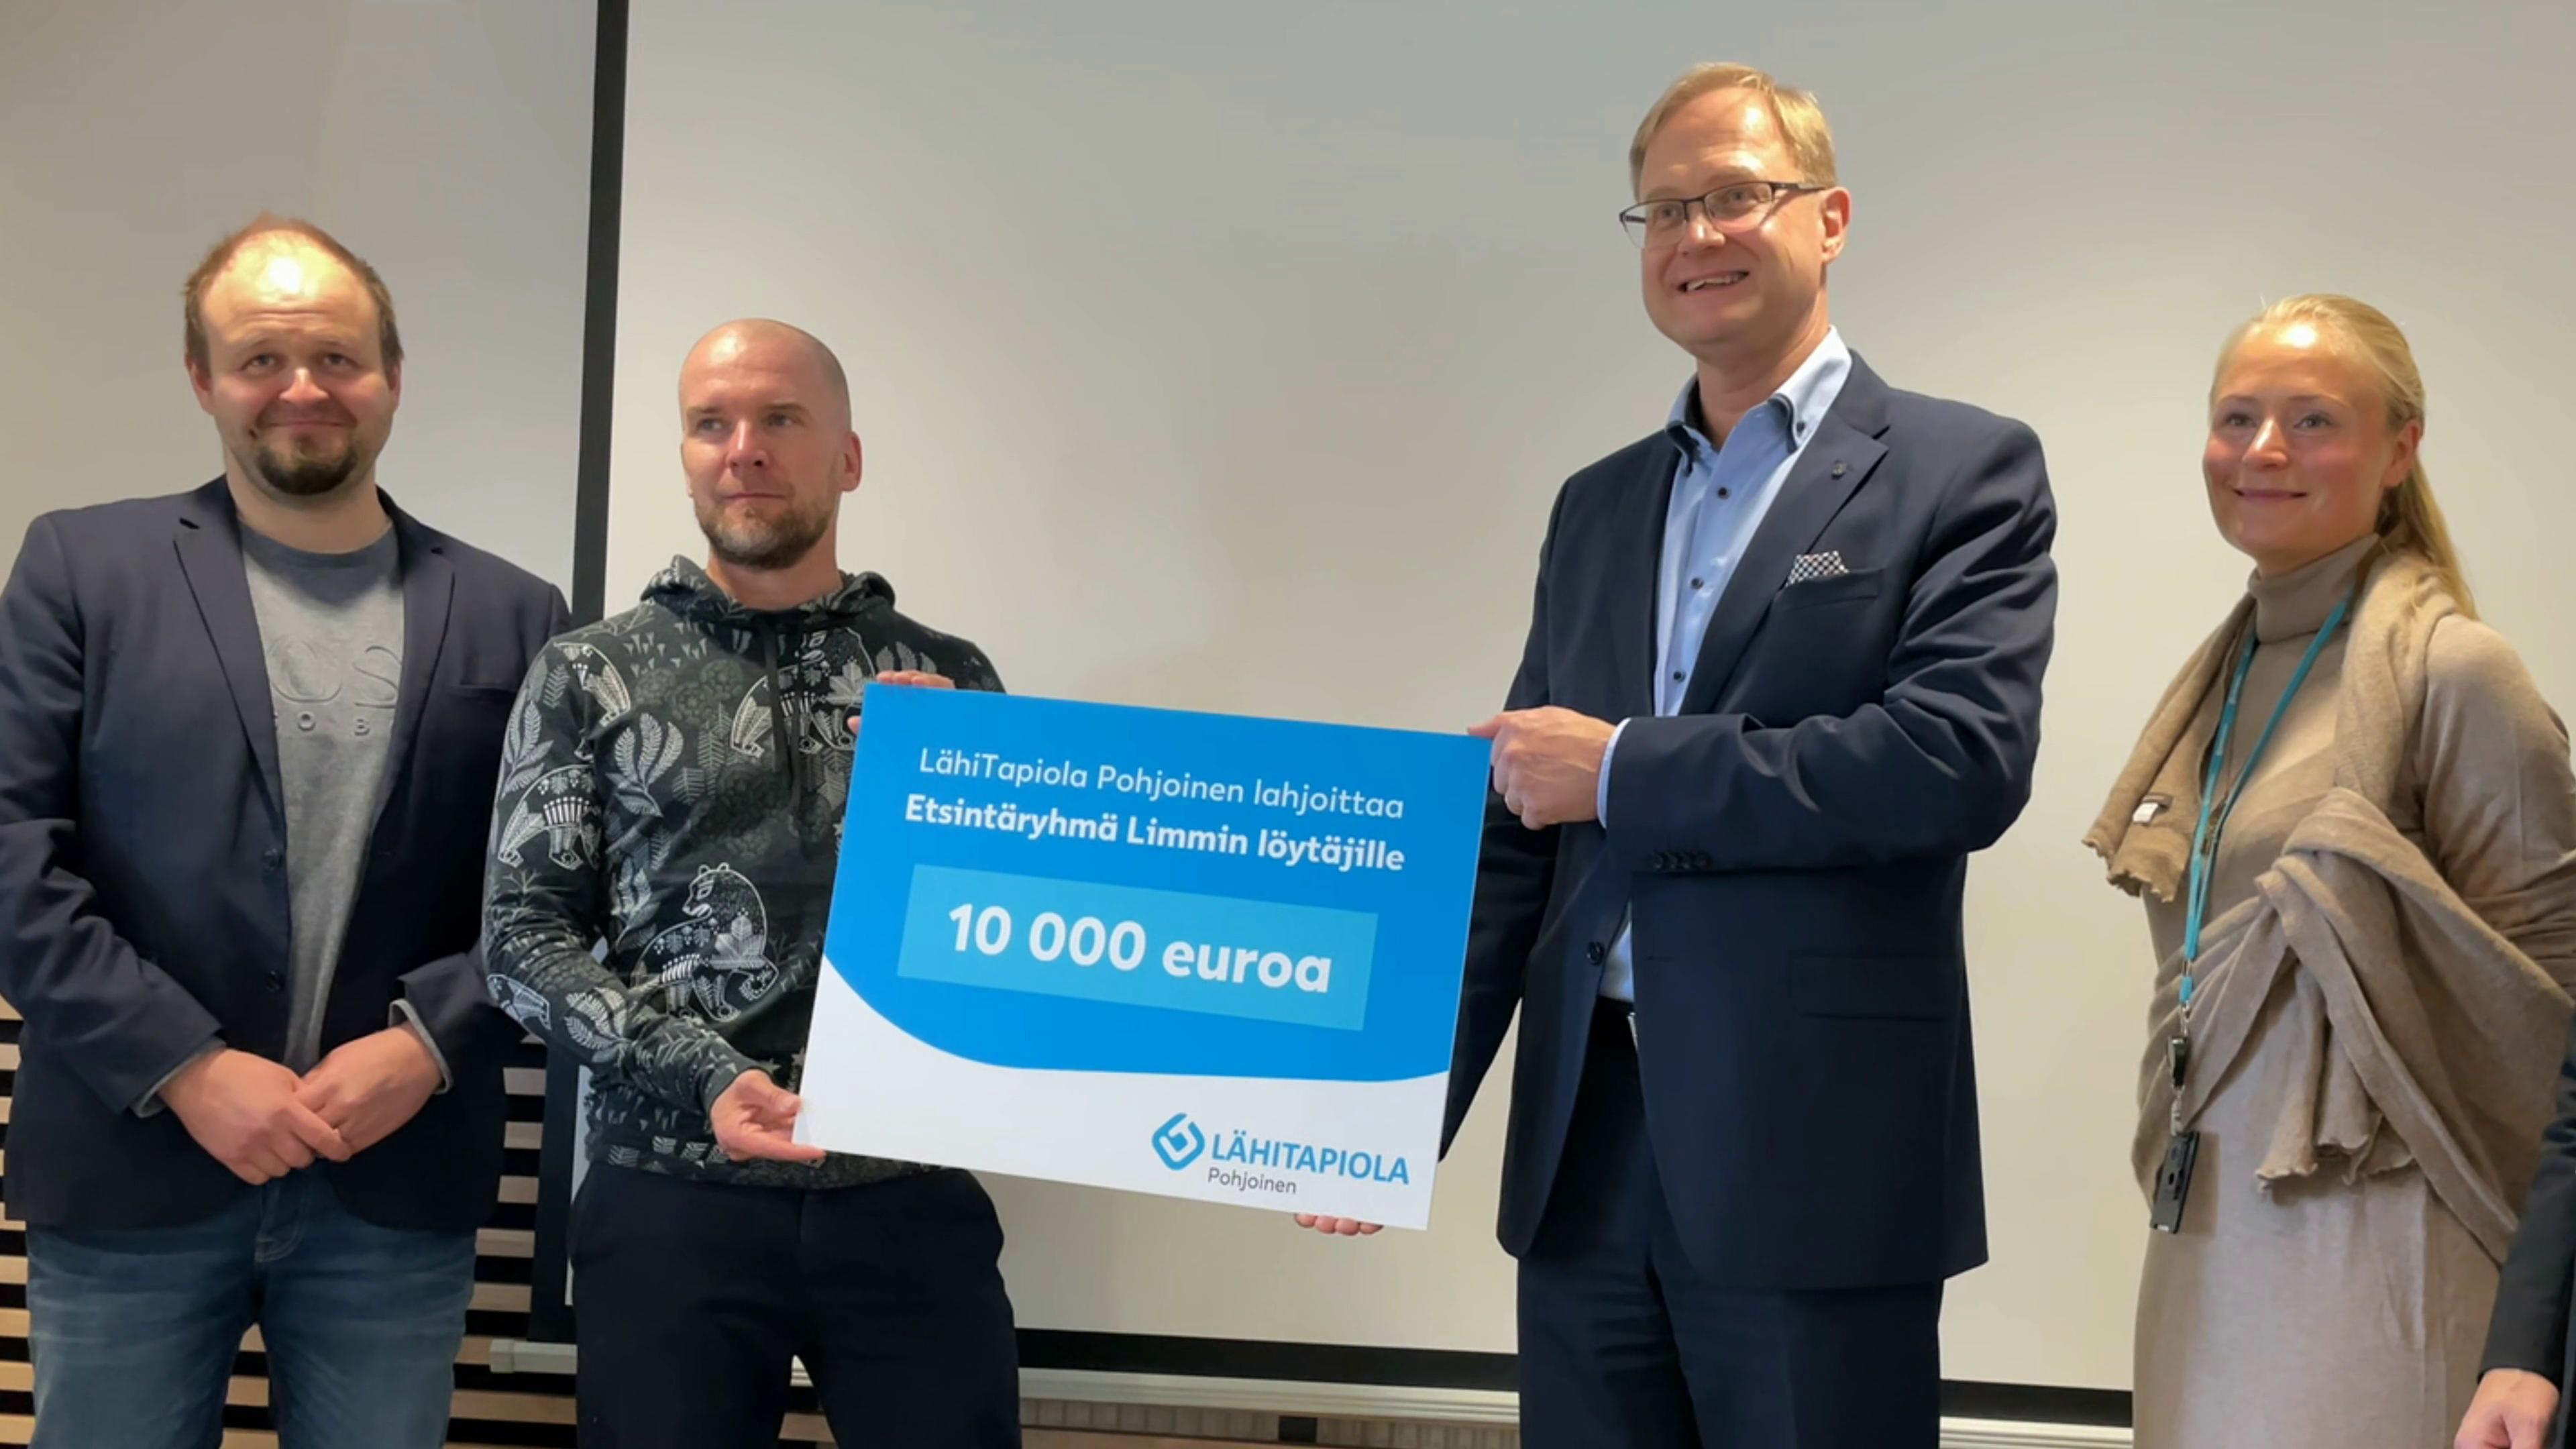 Toimitusjohtaja Veli Rajakangas luovuttaa 10 000 euron lahjakortin Limmin löytäjille